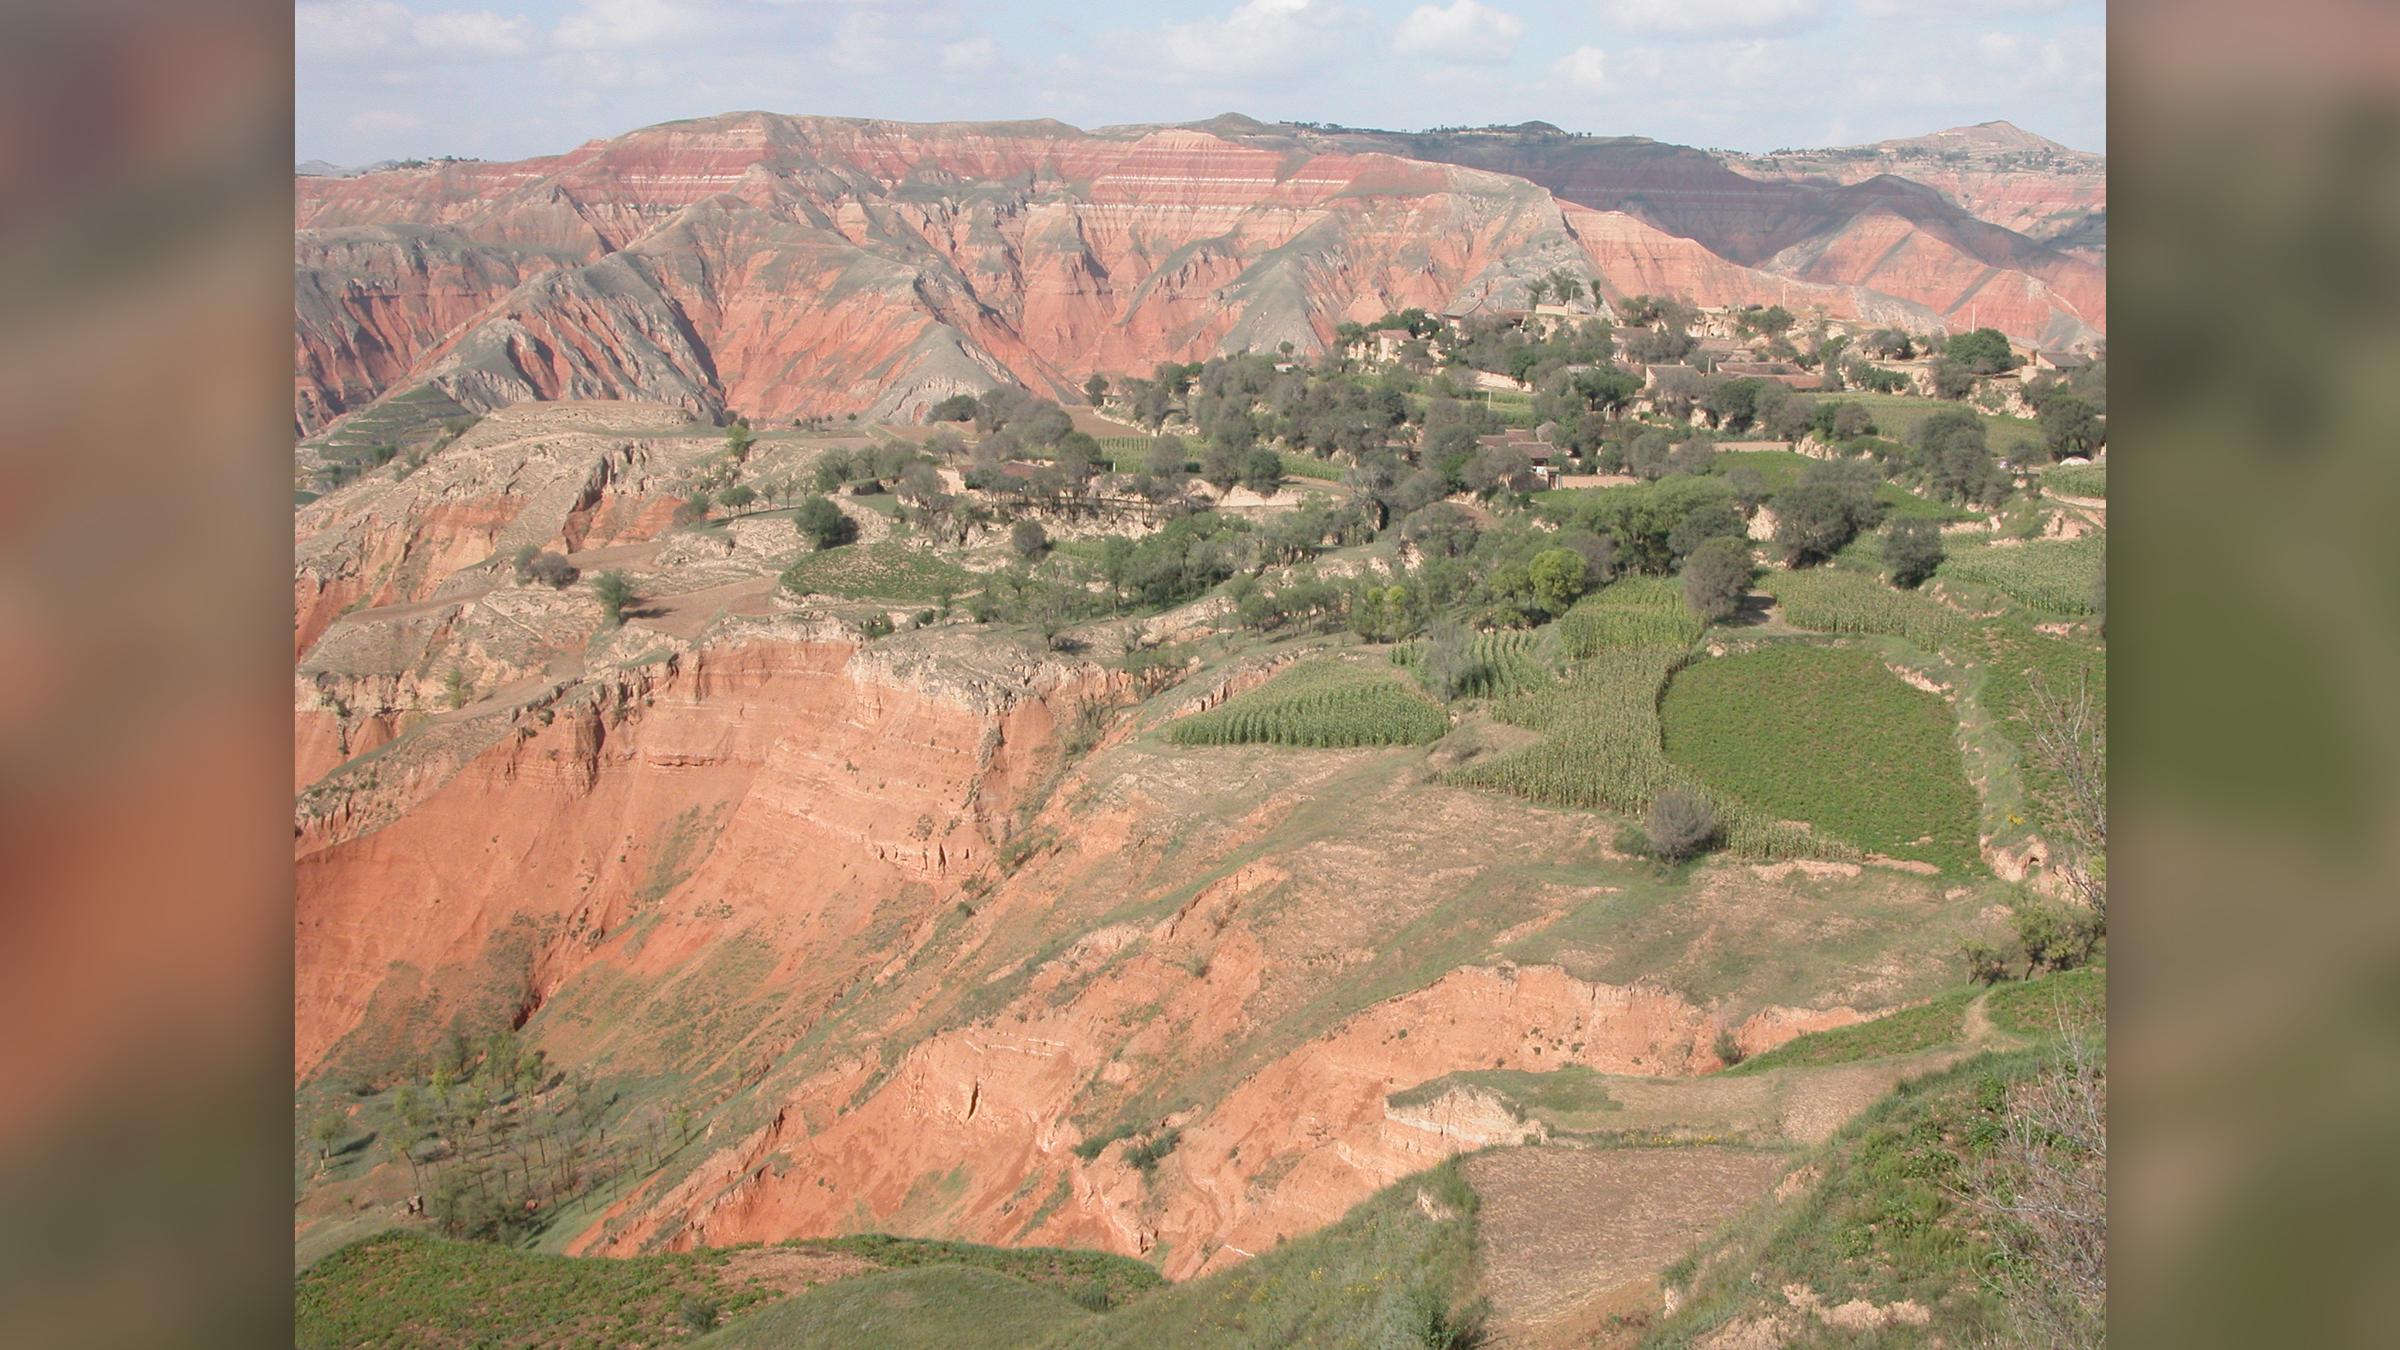 Gisements de roches rouges datant de l'ère cénozoïque dans le bassin de Linxia, dans la province du Gansu (nord-ouest de la Chine).